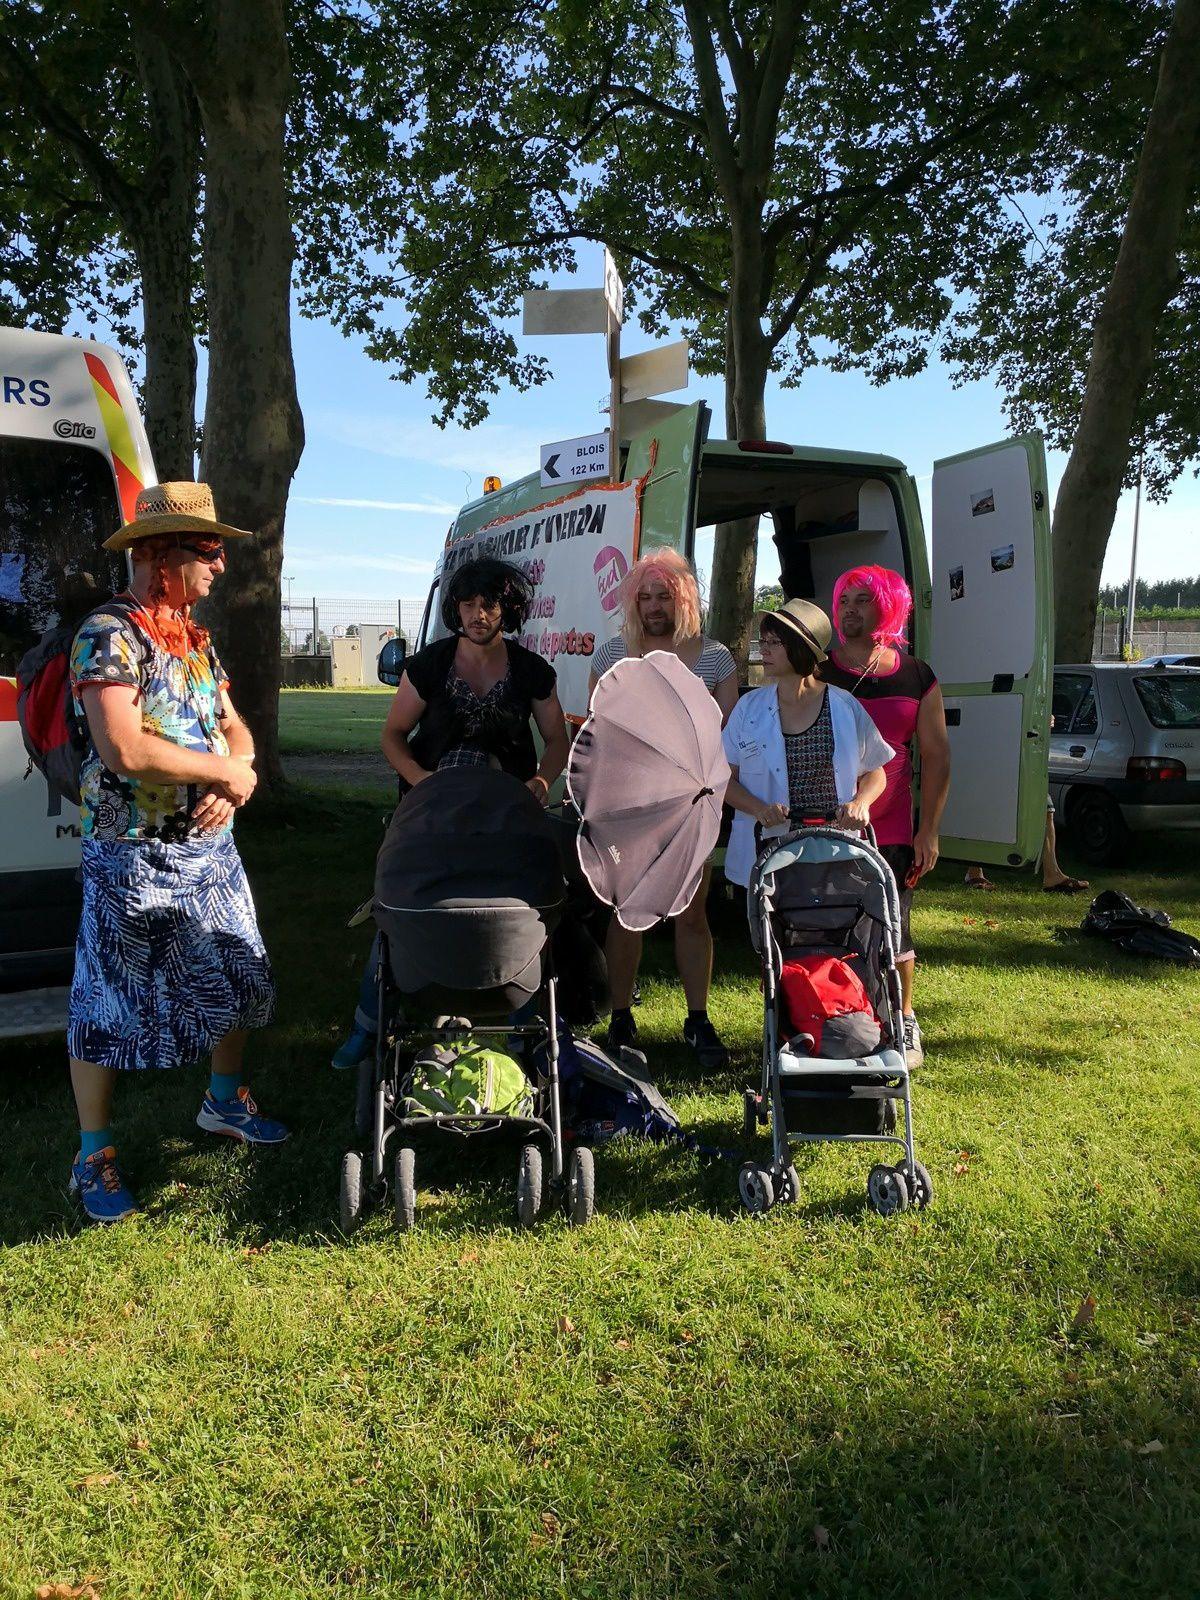 Hôpital : la marche des femmes enceintes est repartie de Mehun pour Bourges